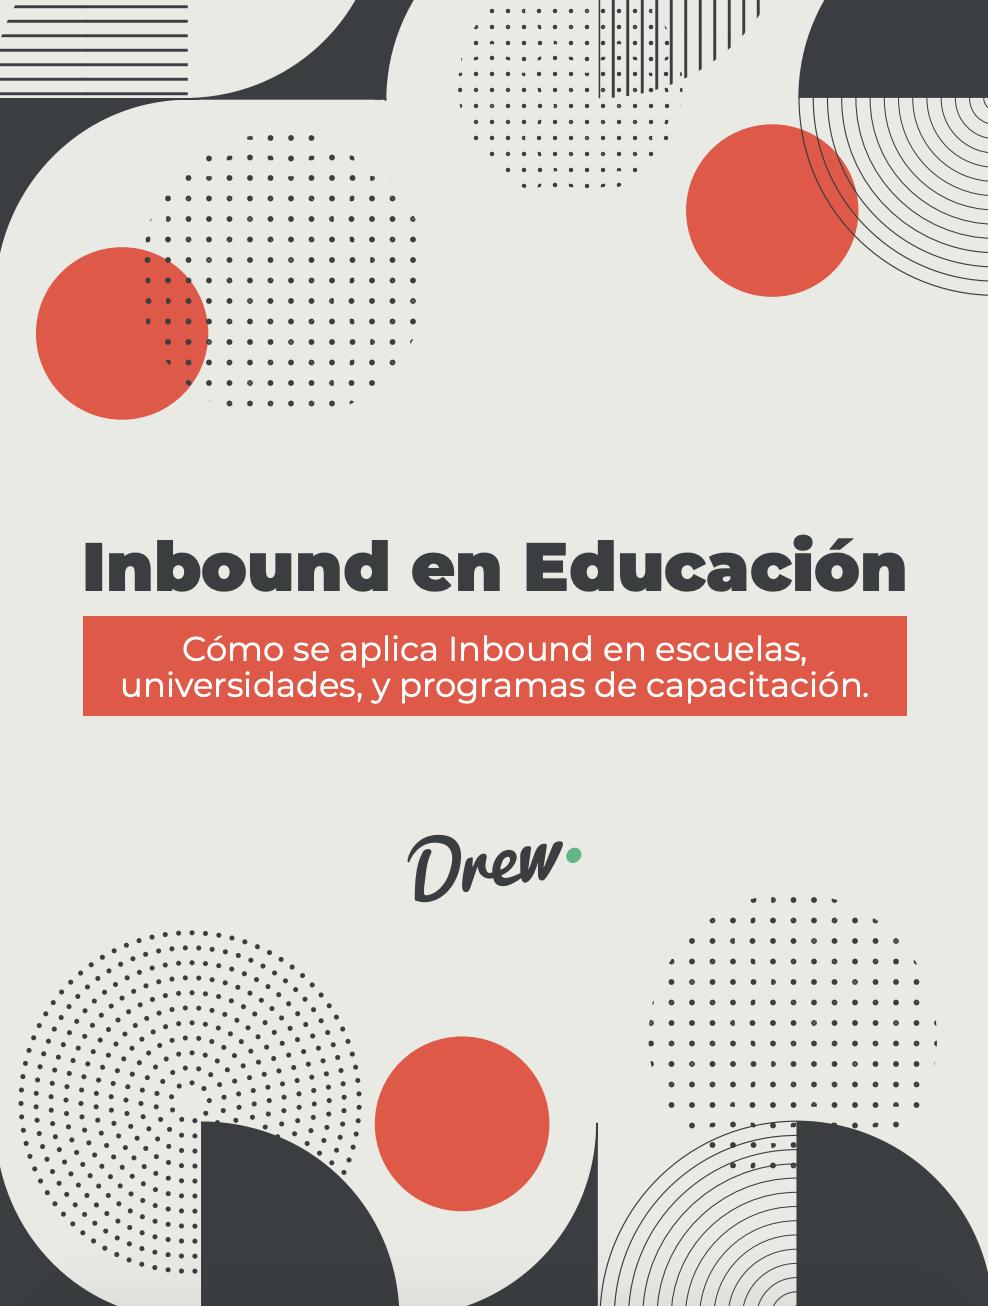 Inbound en educación